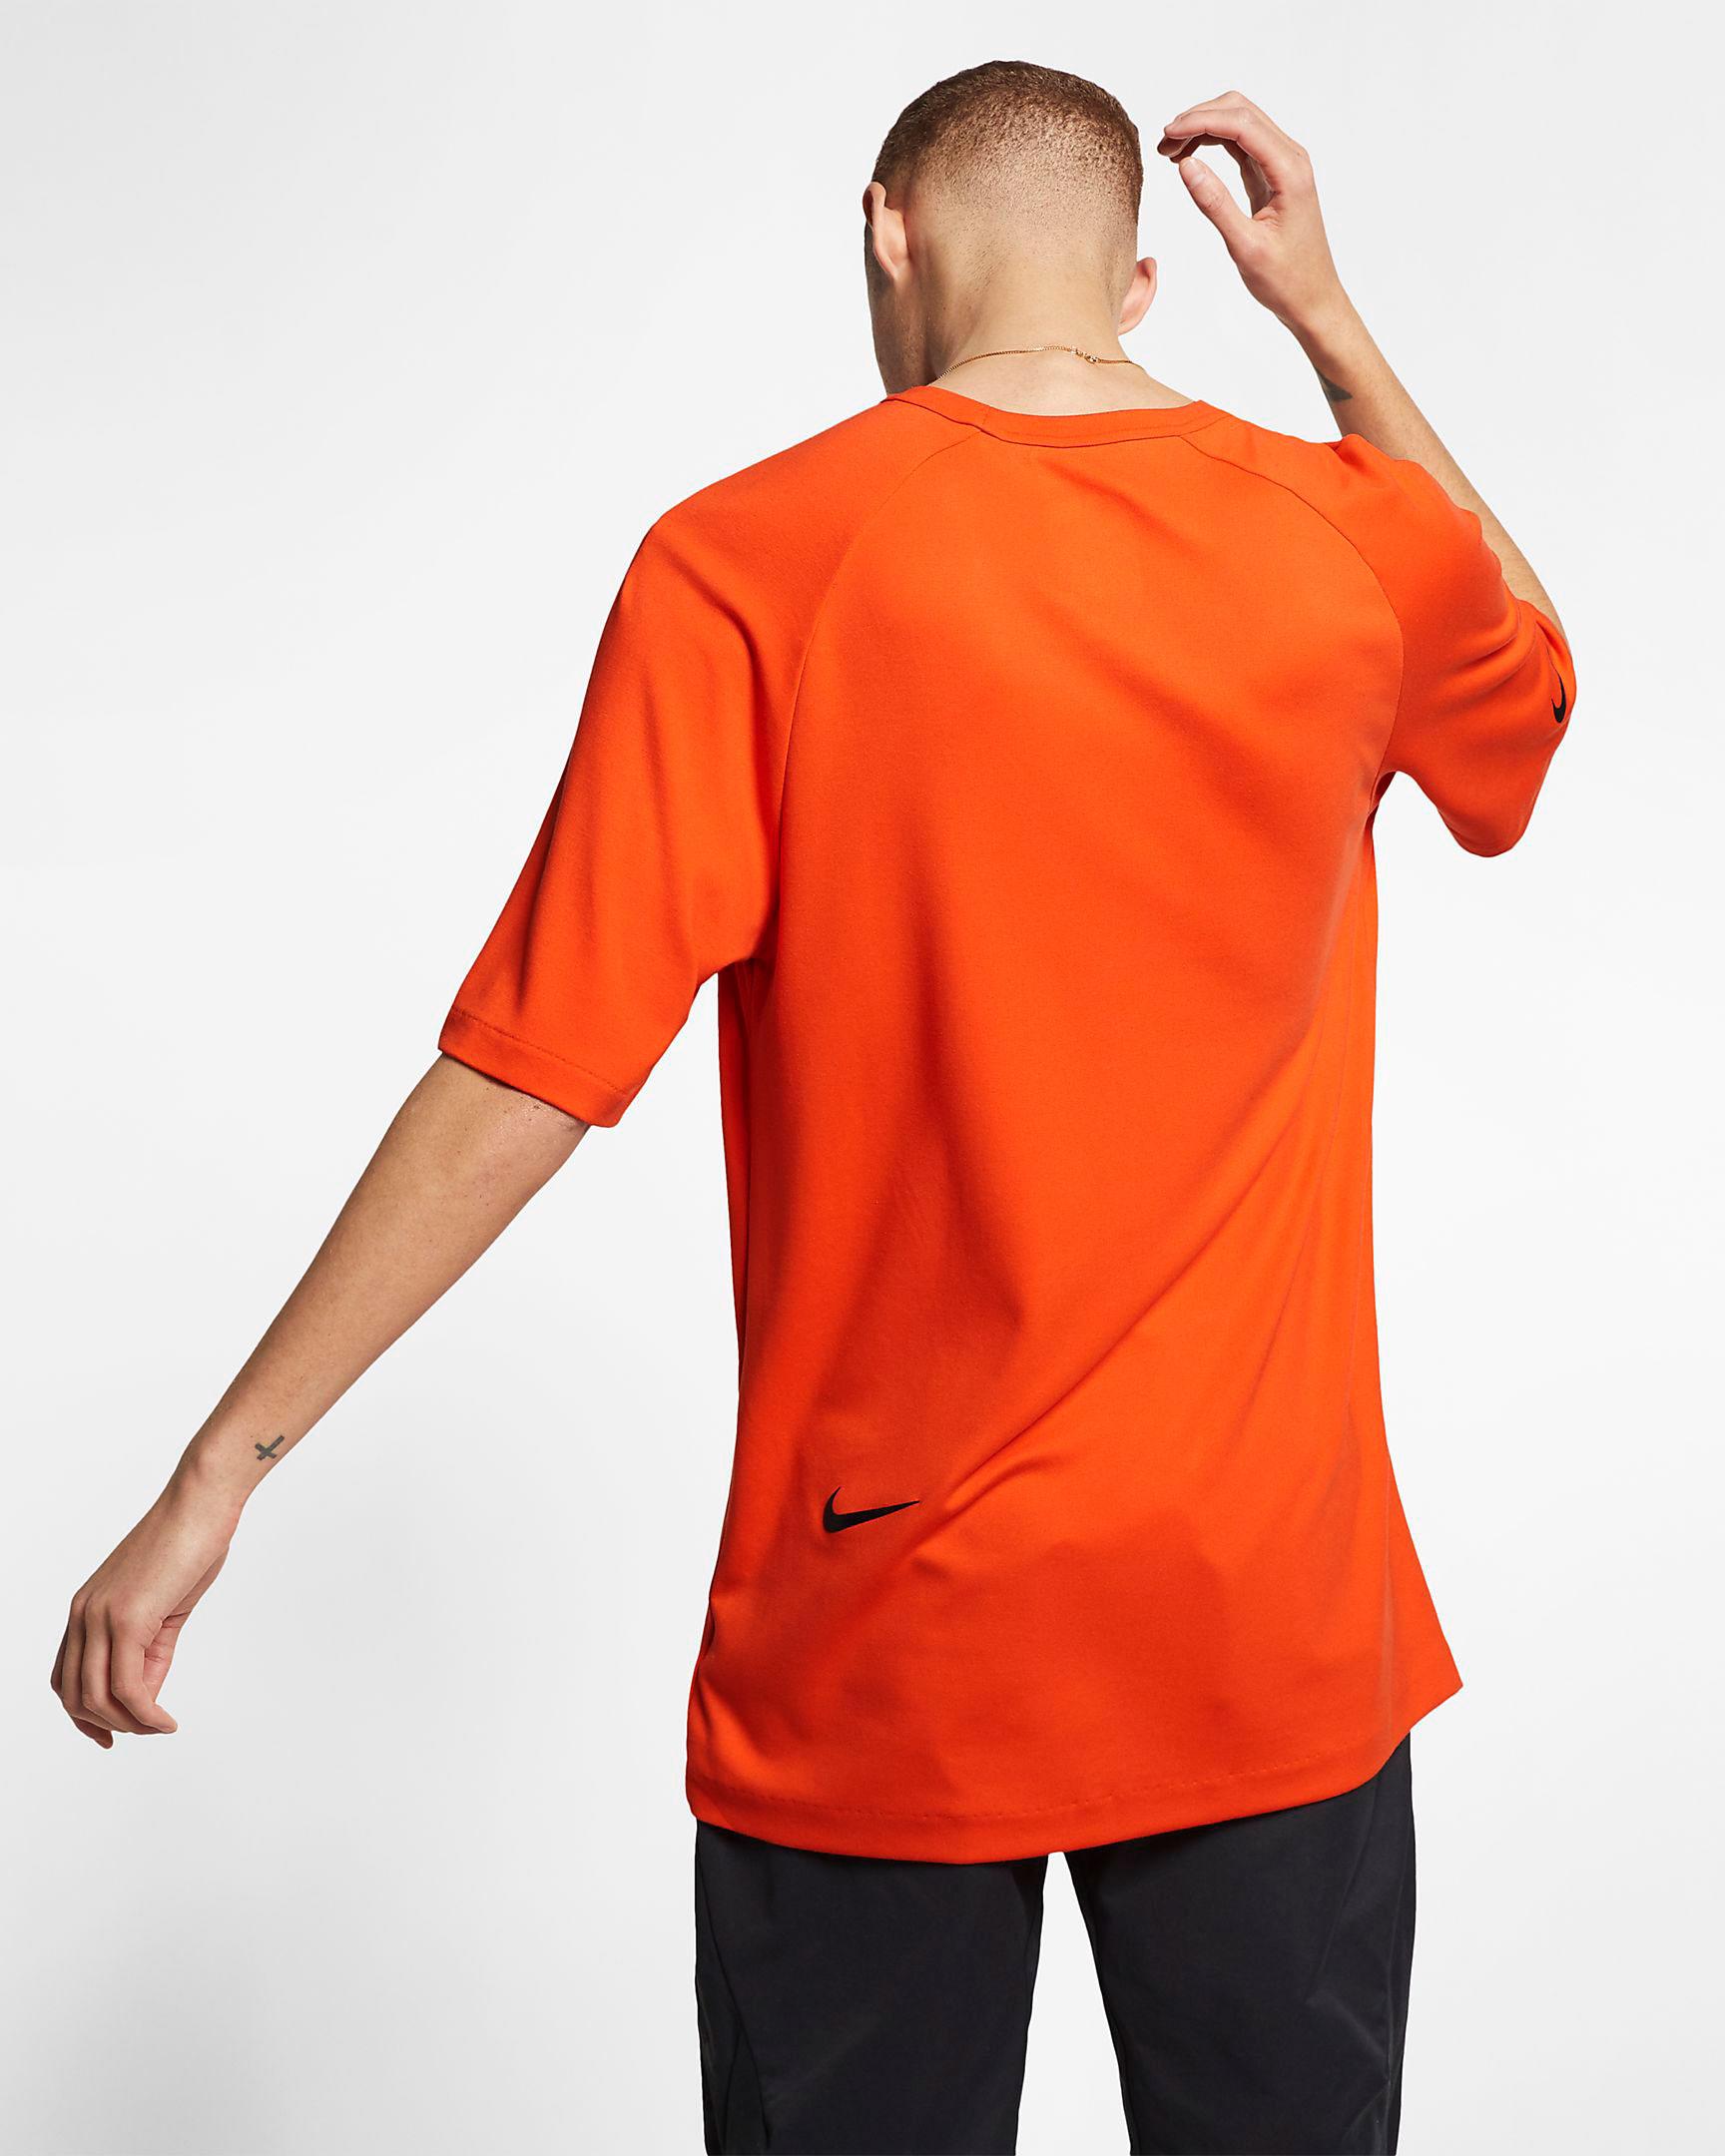 Nike Foamposite Hyper Crimson Clothing